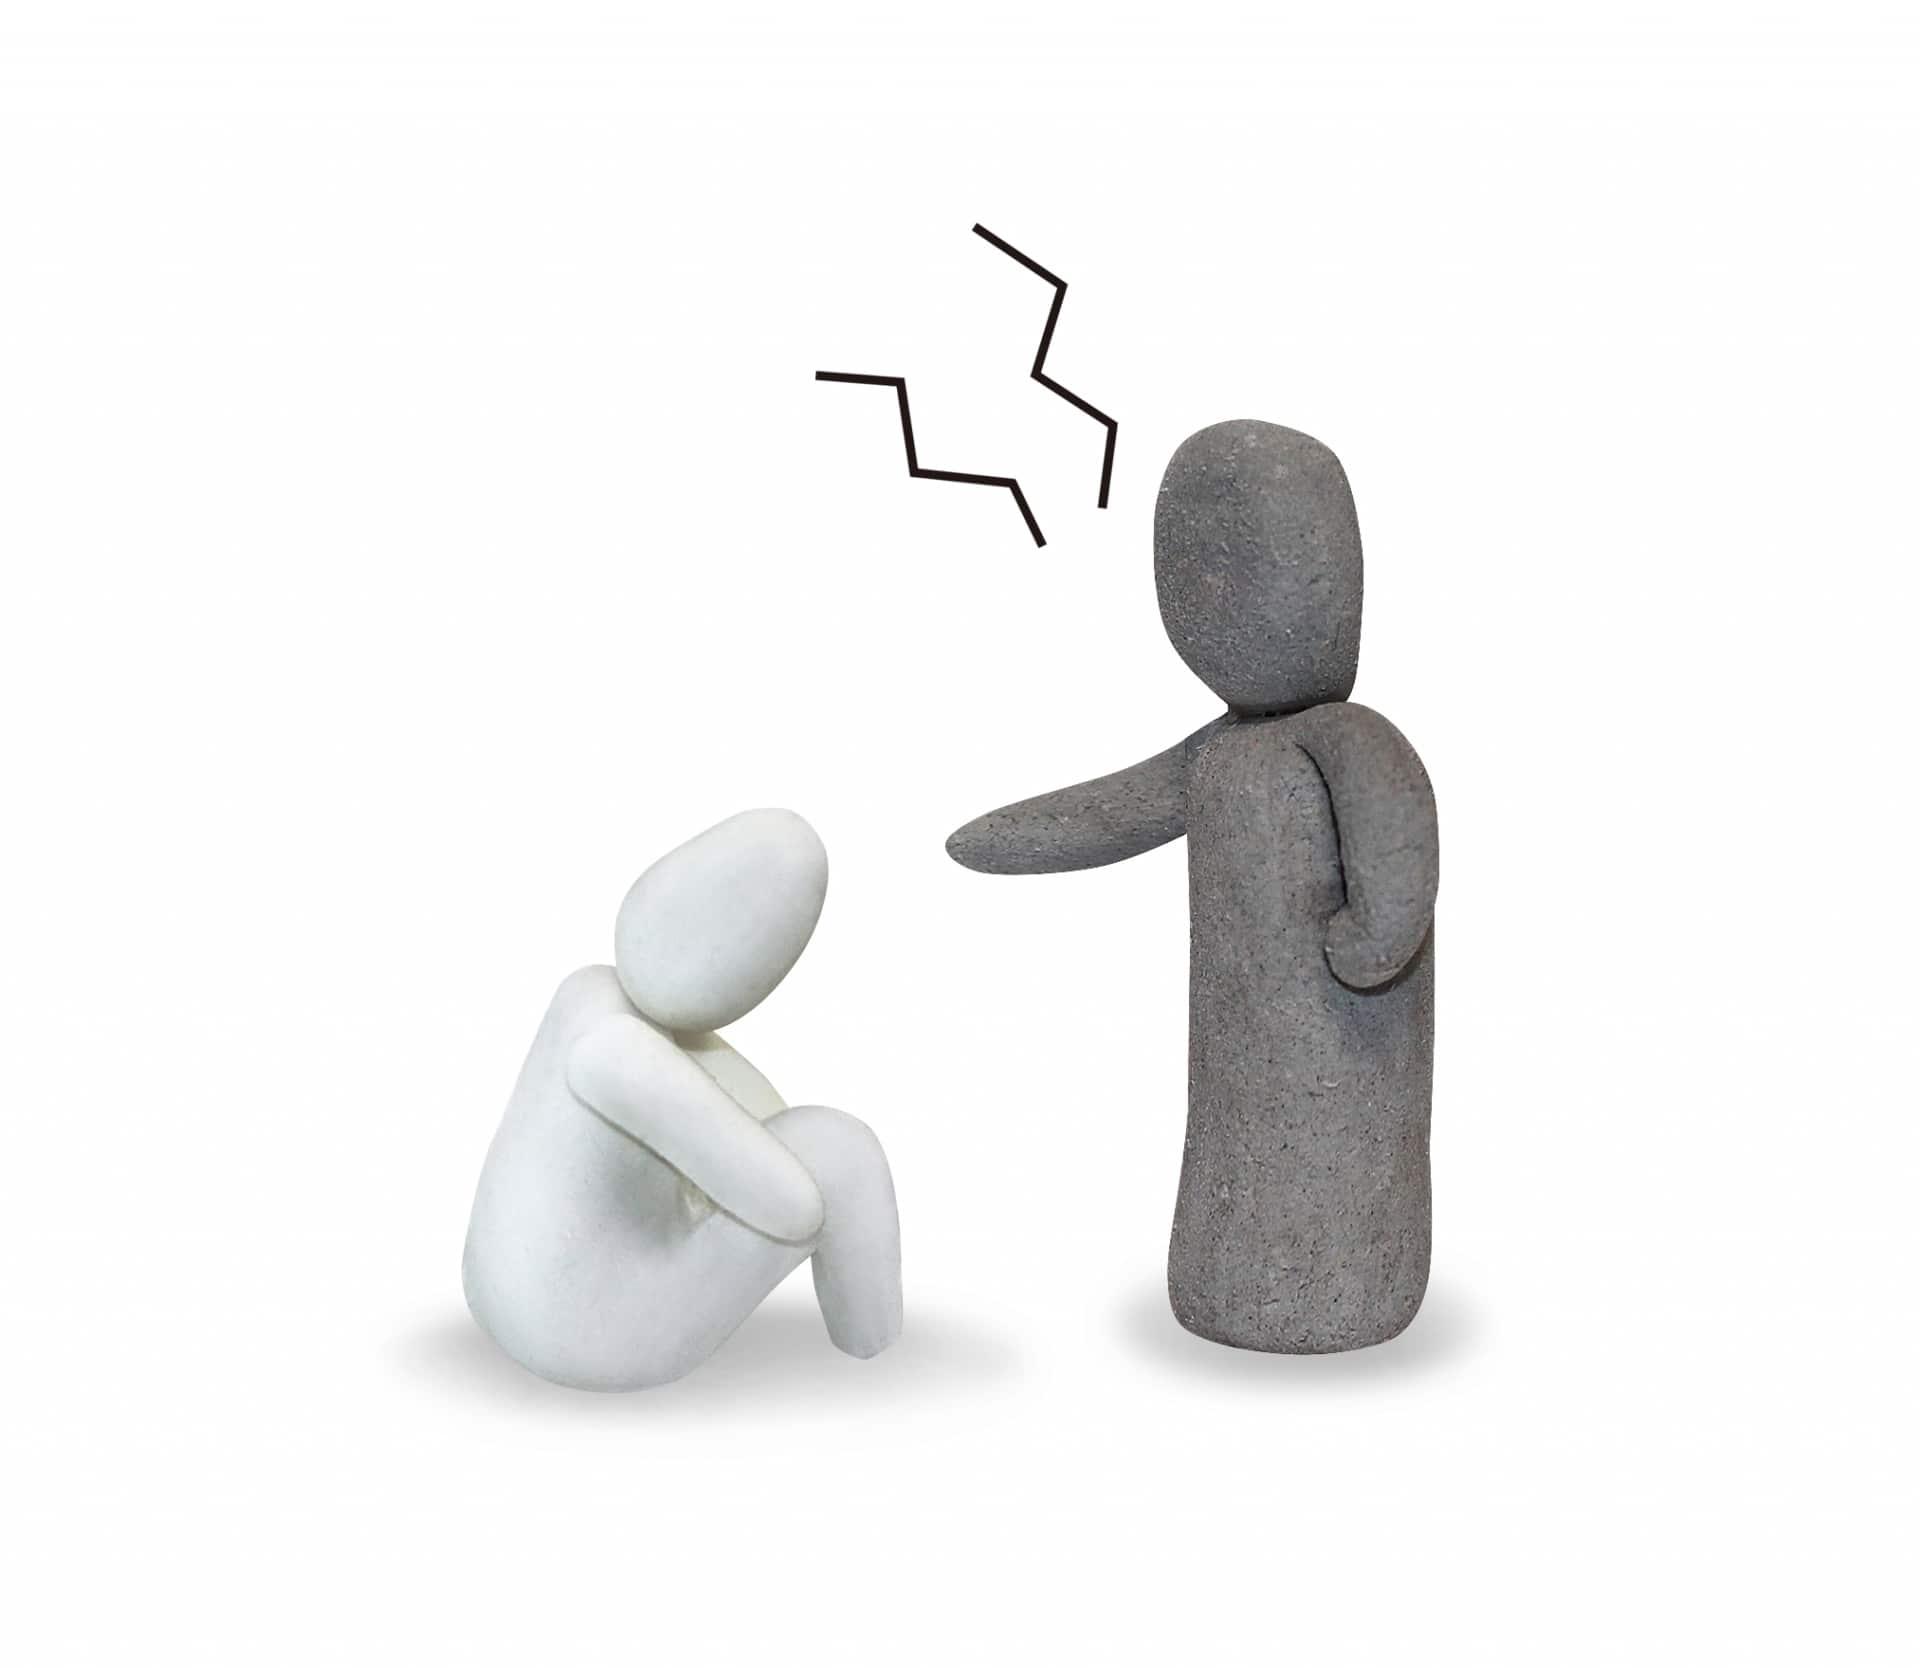 圧迫面接を企業がする理由は?面接官からの質問や回答を押さえて対策しよう